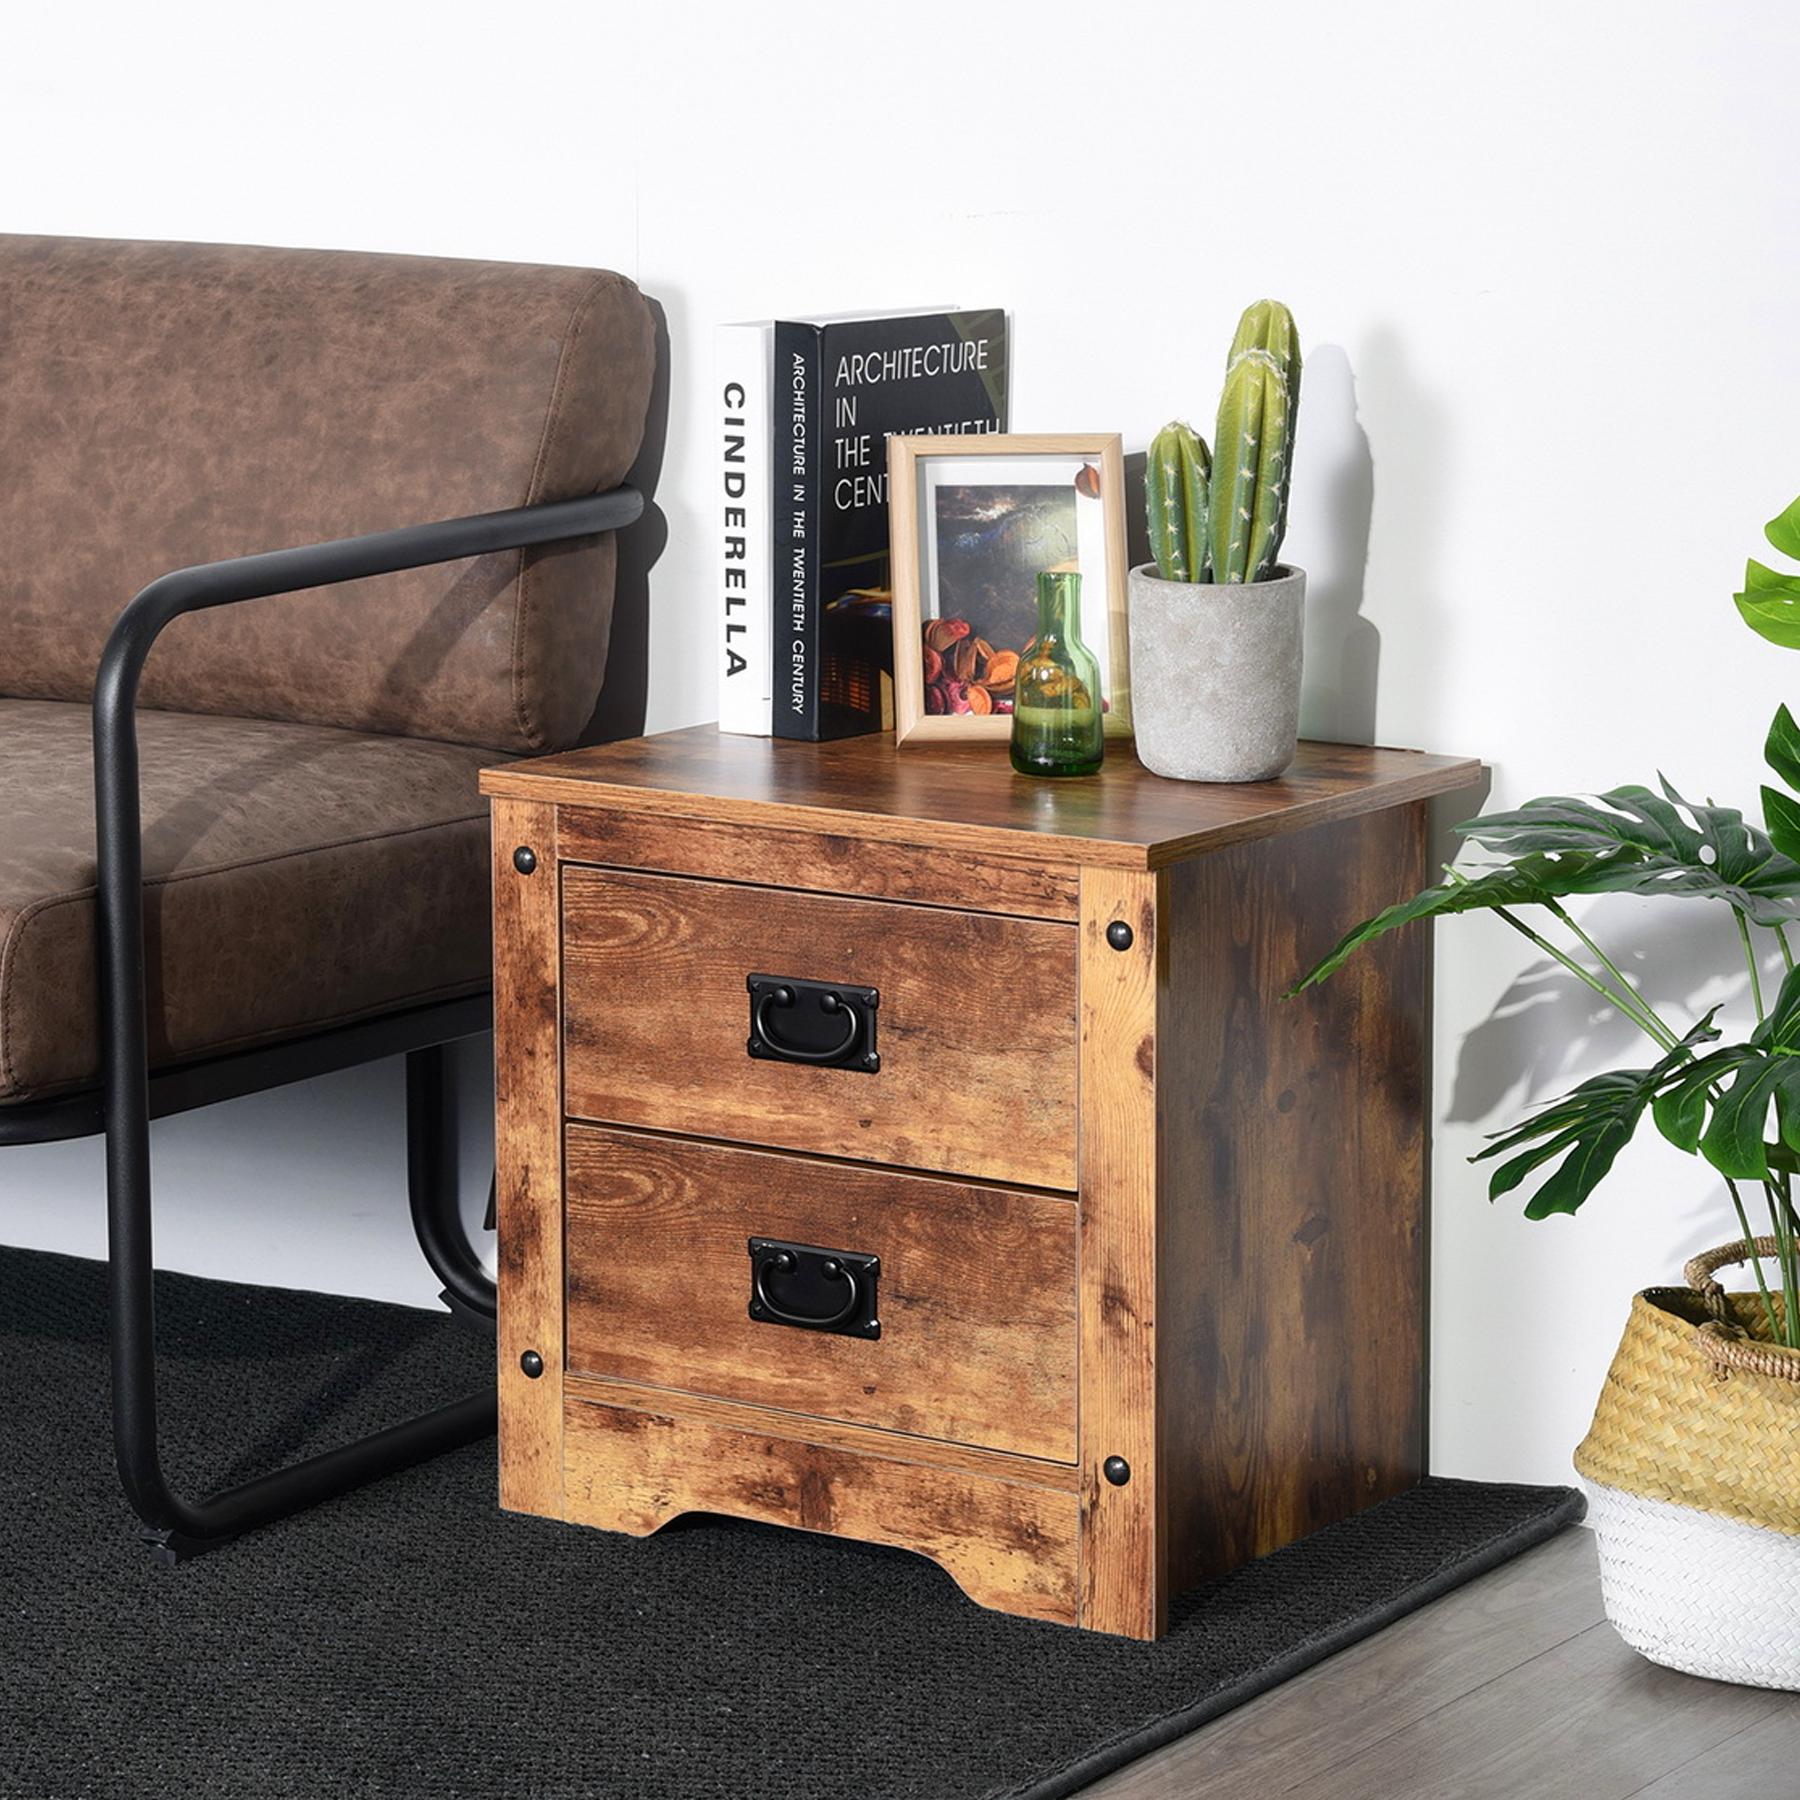 Nachttisch Vantage StyleStorage Organizer mit 16 Schubladen für